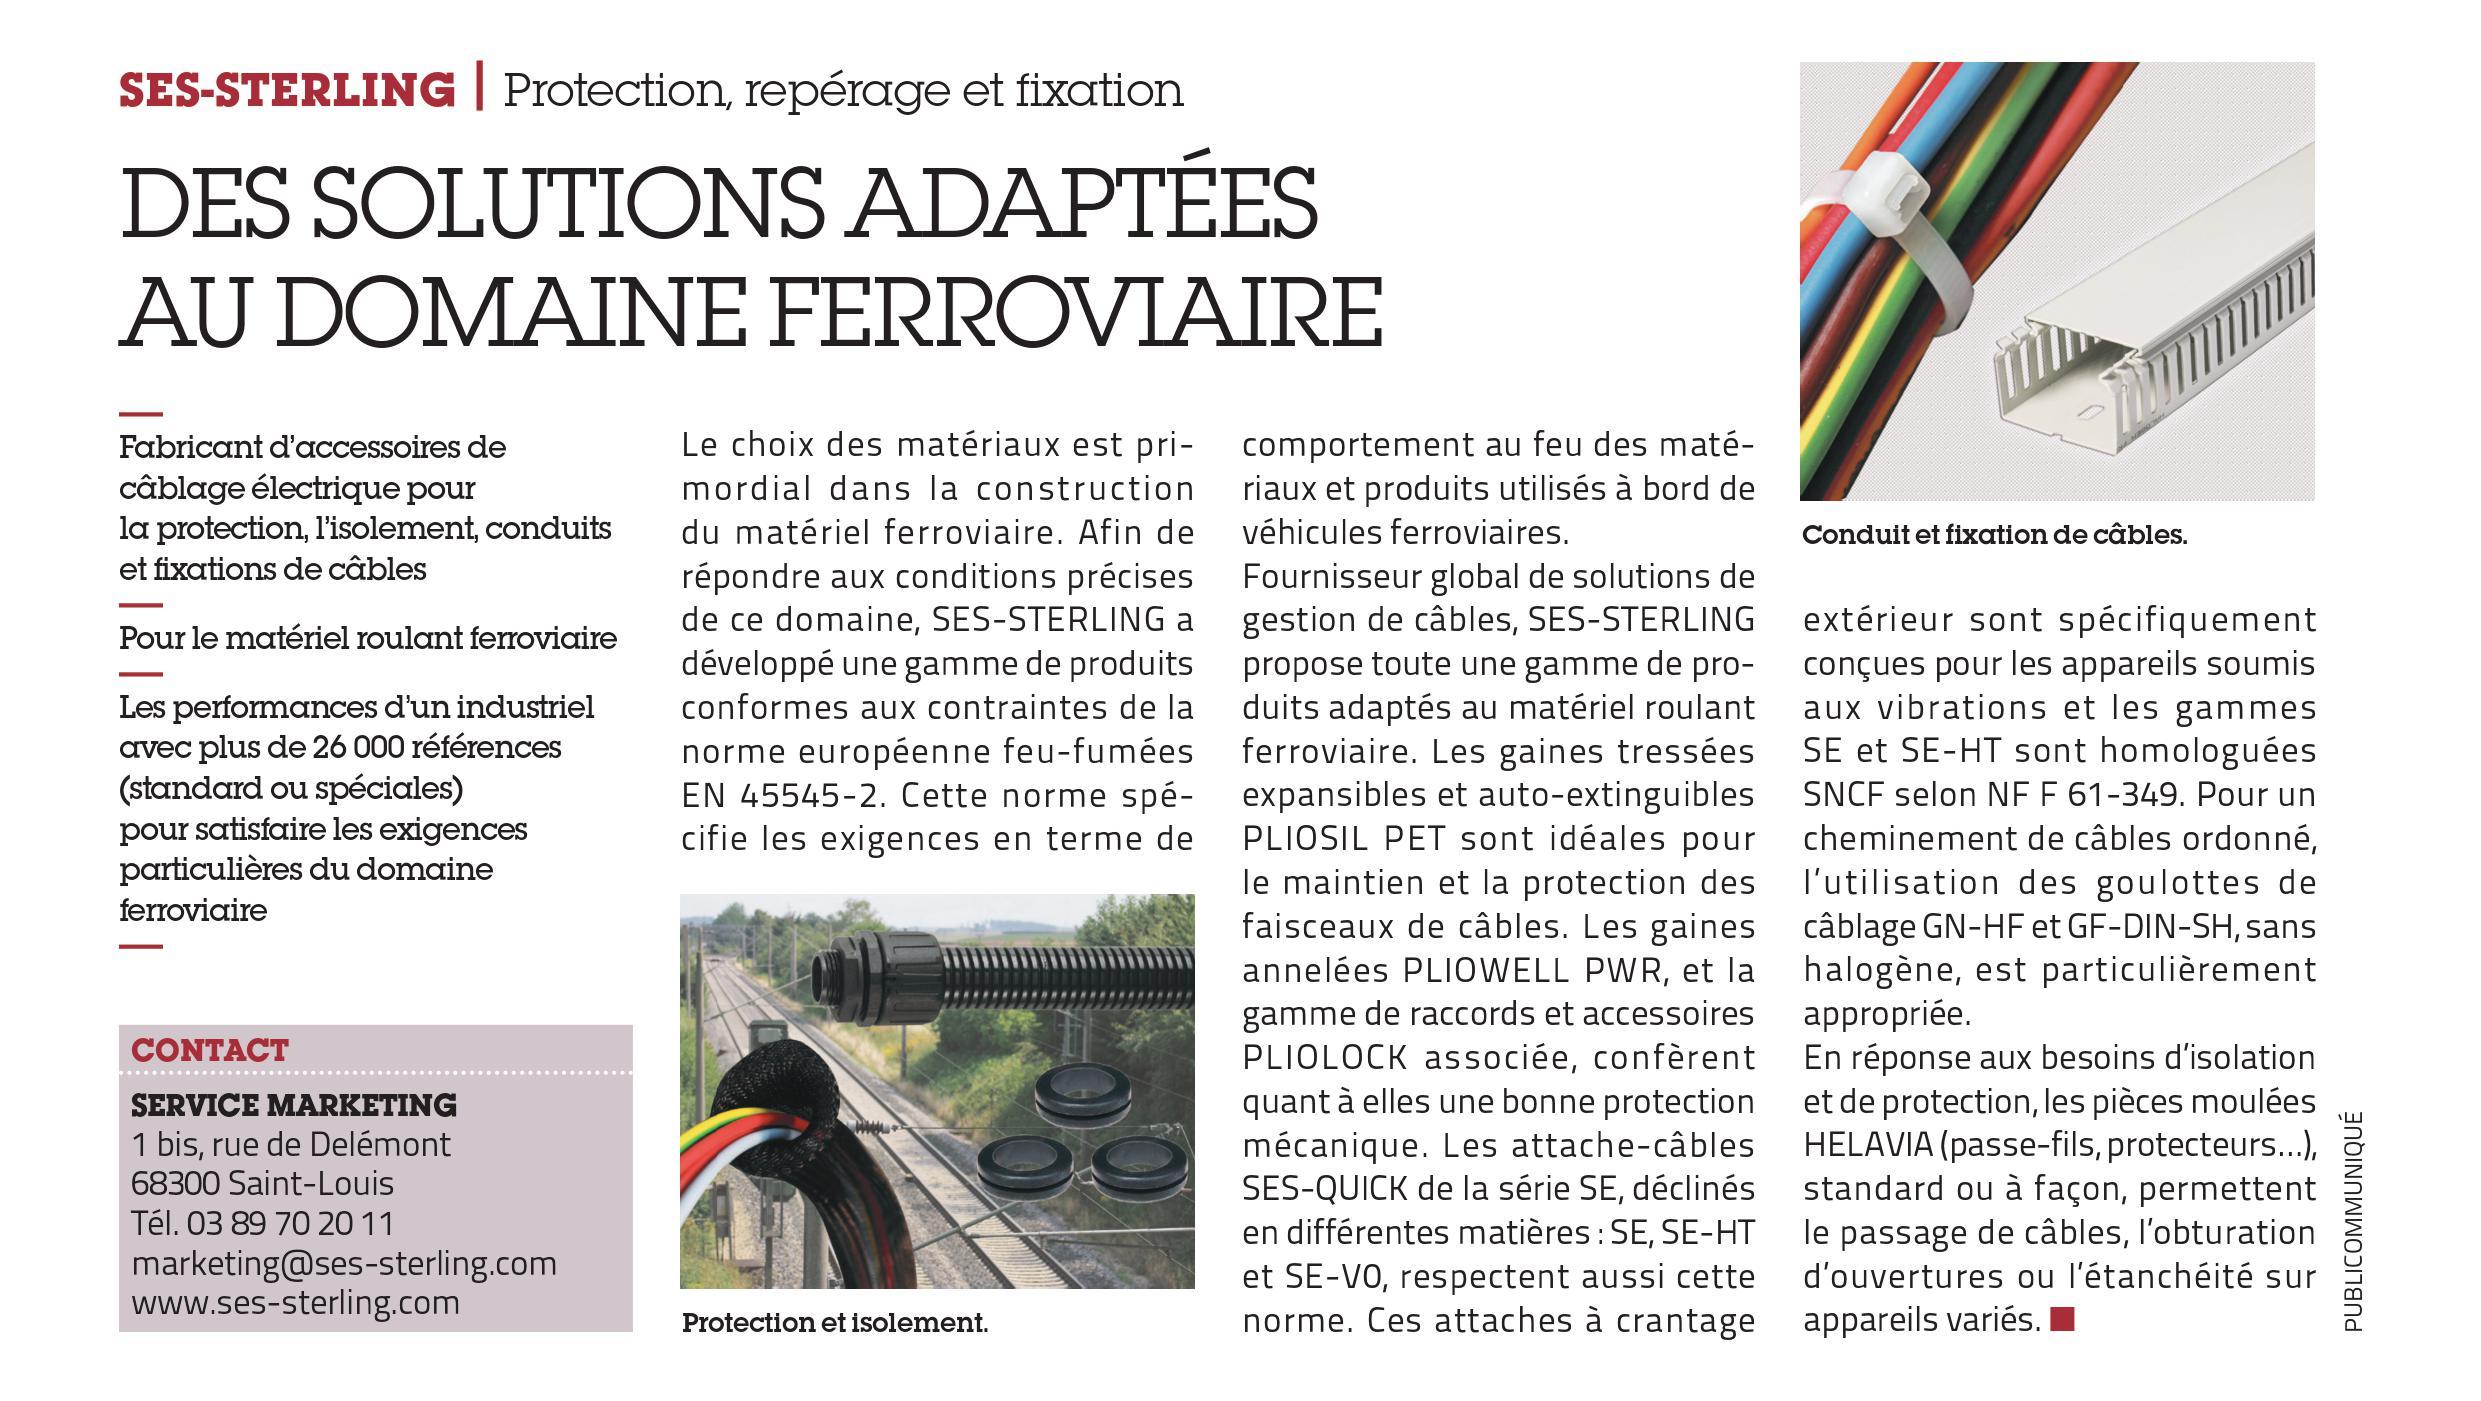 Parution dans l'édition n° 3601 de L'Usine Nouvelle (mars 2019) - Des solutions adaptées au domaine ferroviaire